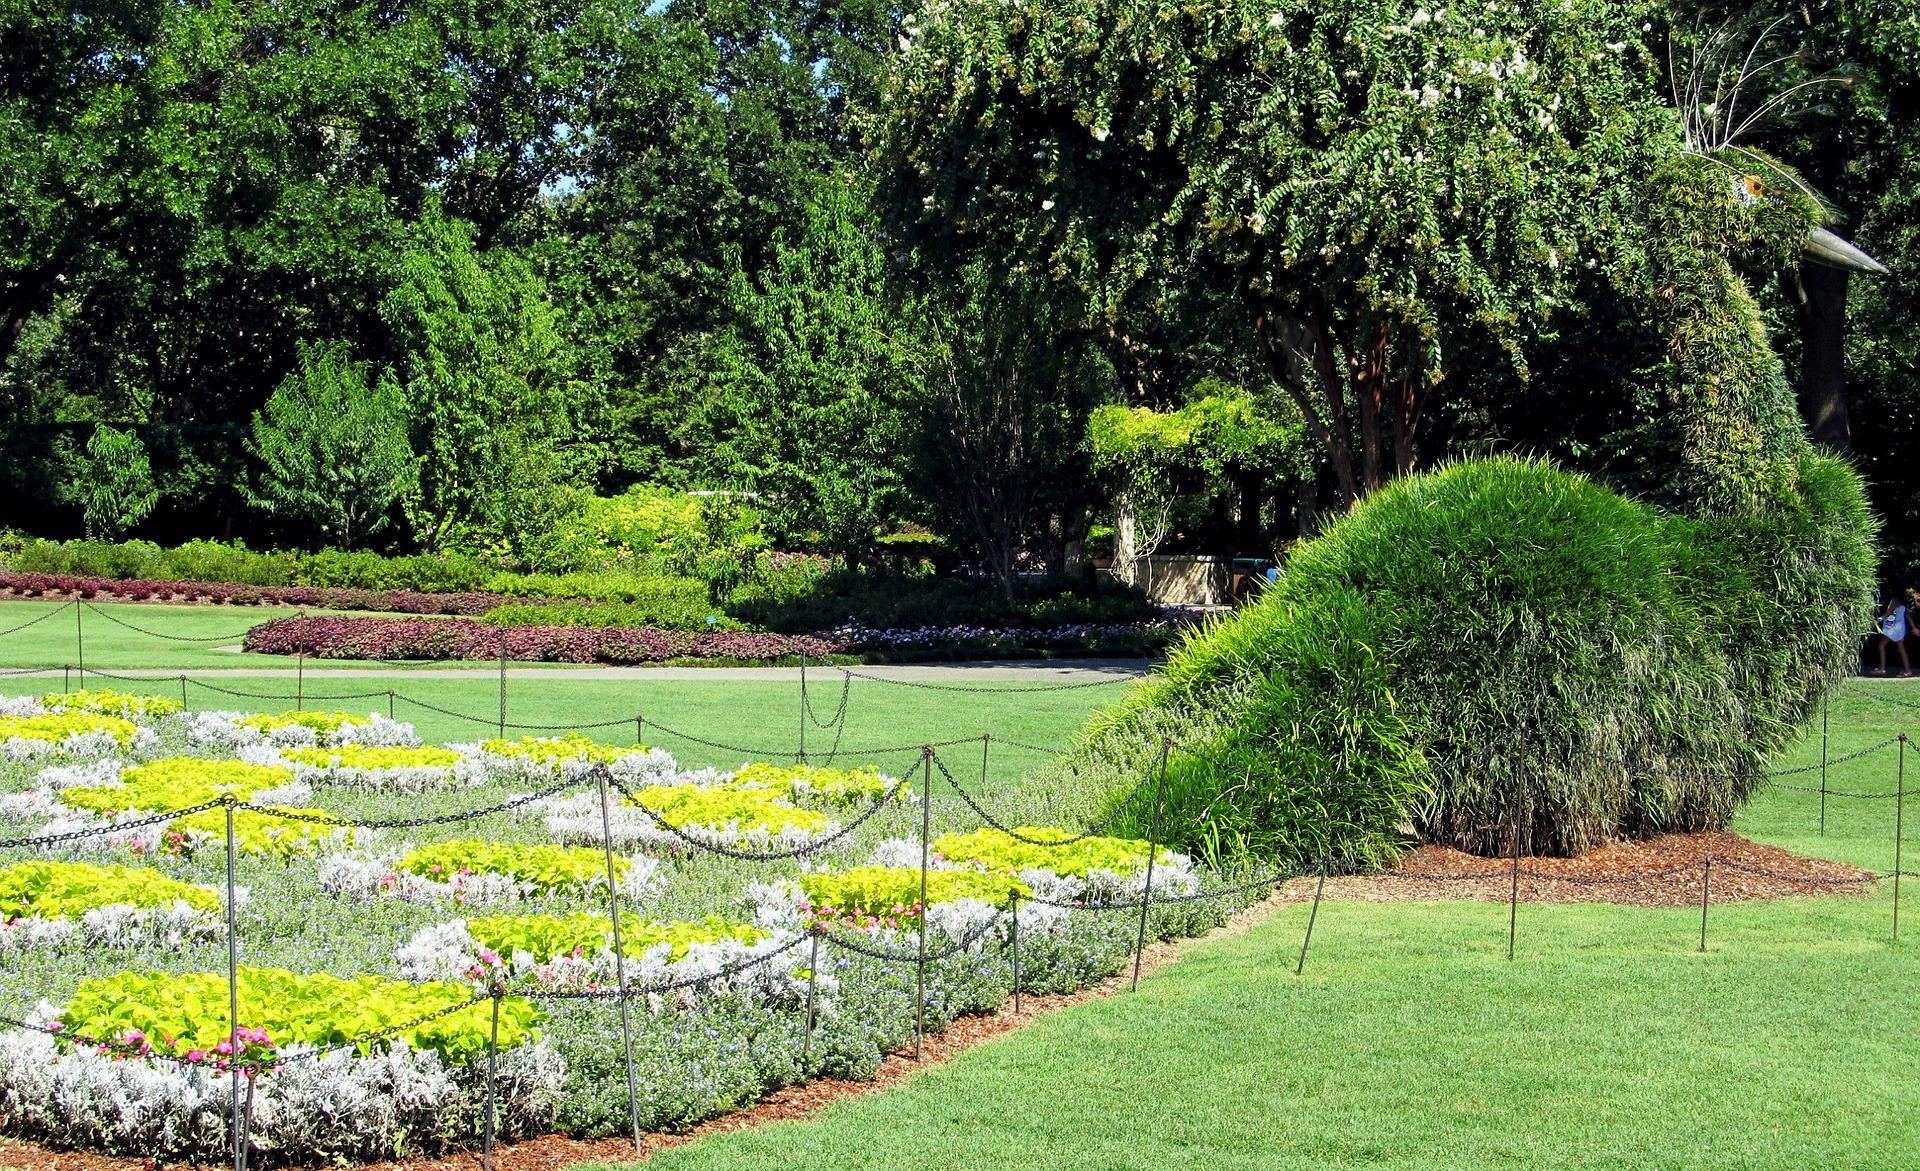 Beautiful Garden, Green, Nature, Garden, Fresh, HQ Photo